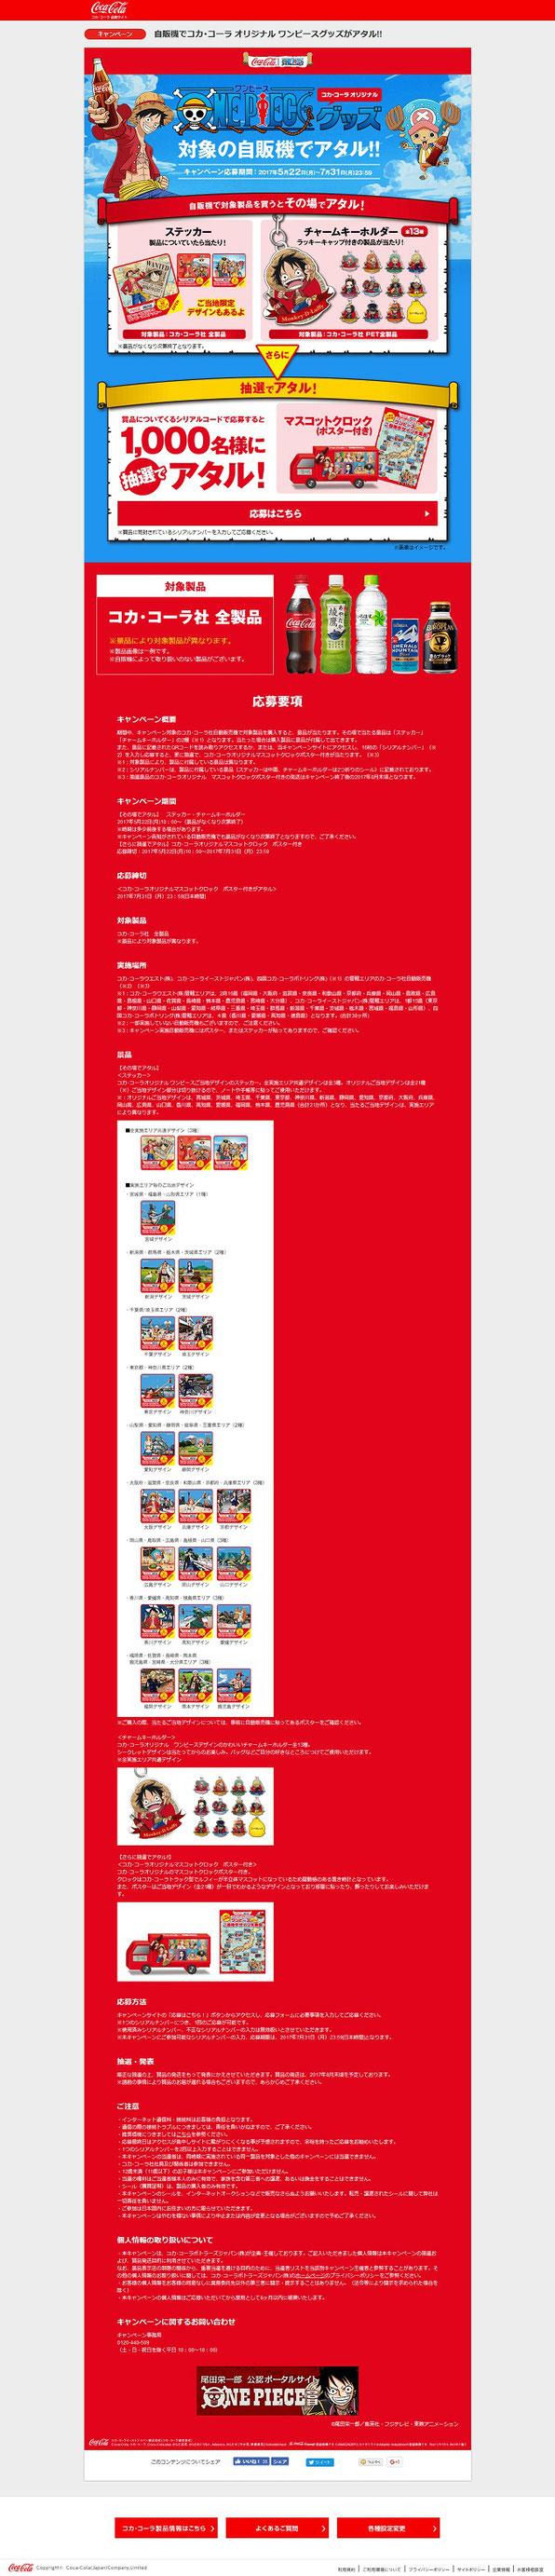 【コカ・コーラ】ワンピース 自販機でオリジナルグッズがアタル・キャンペーン